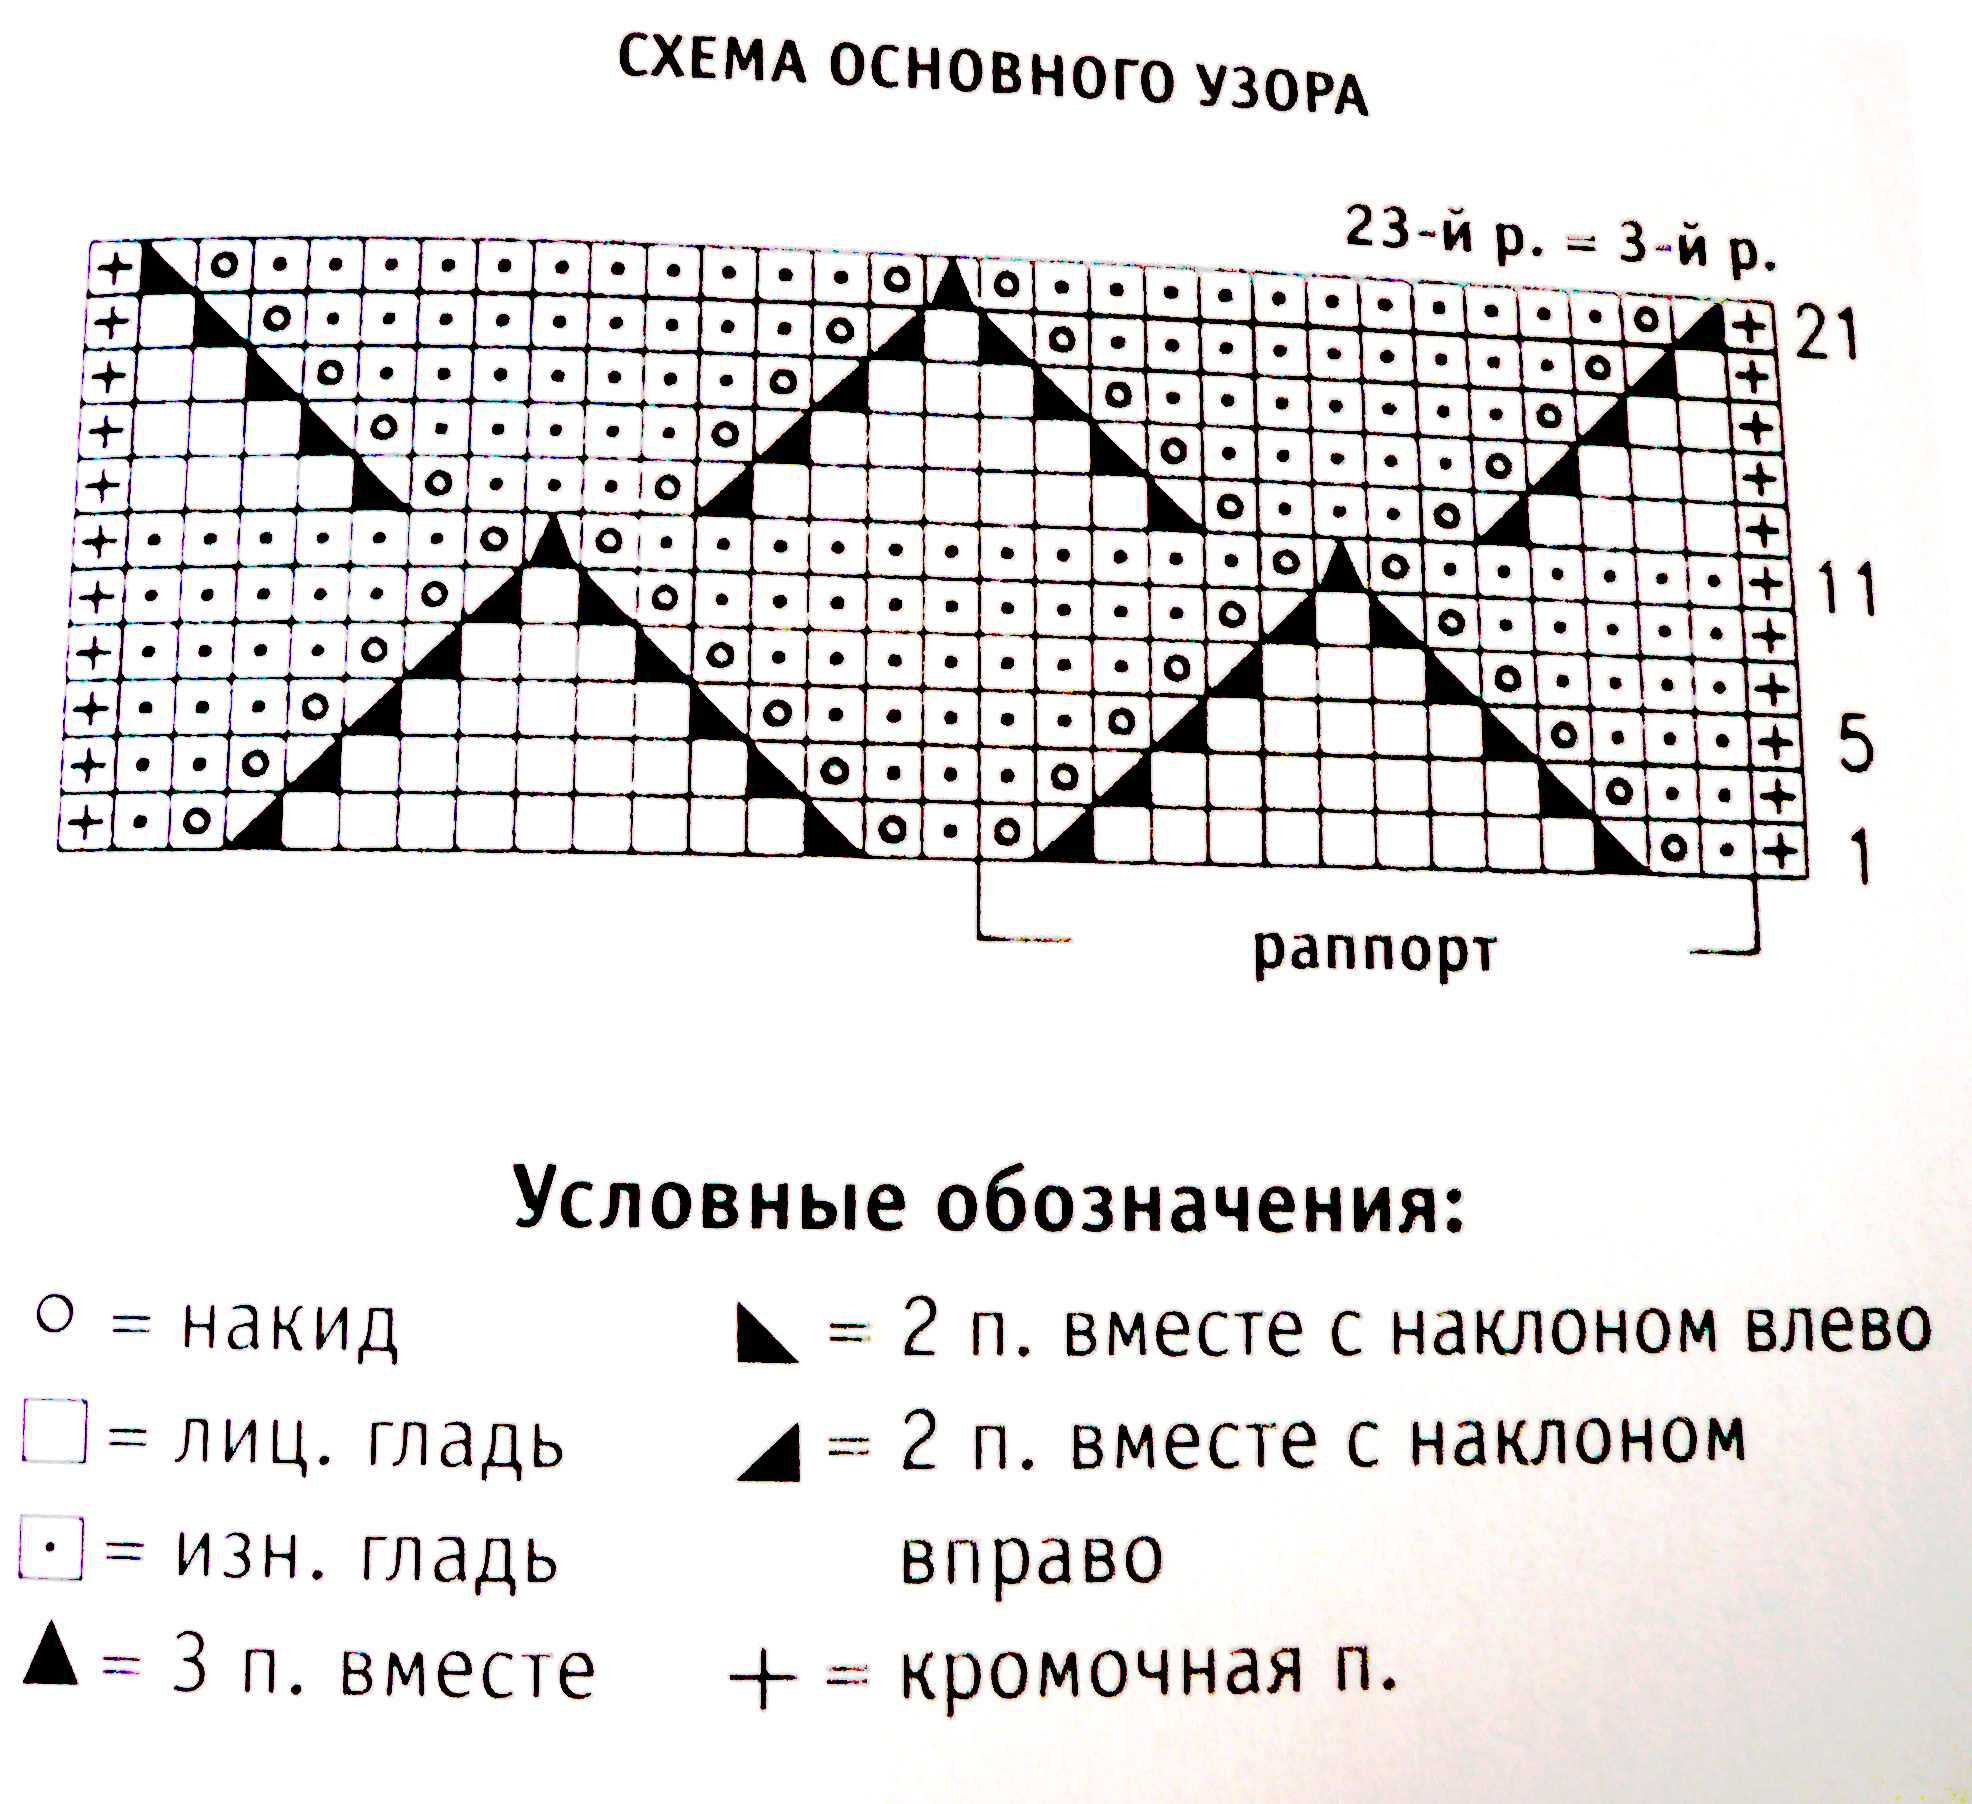 вязание спицами схемы 2 петли крест накрест